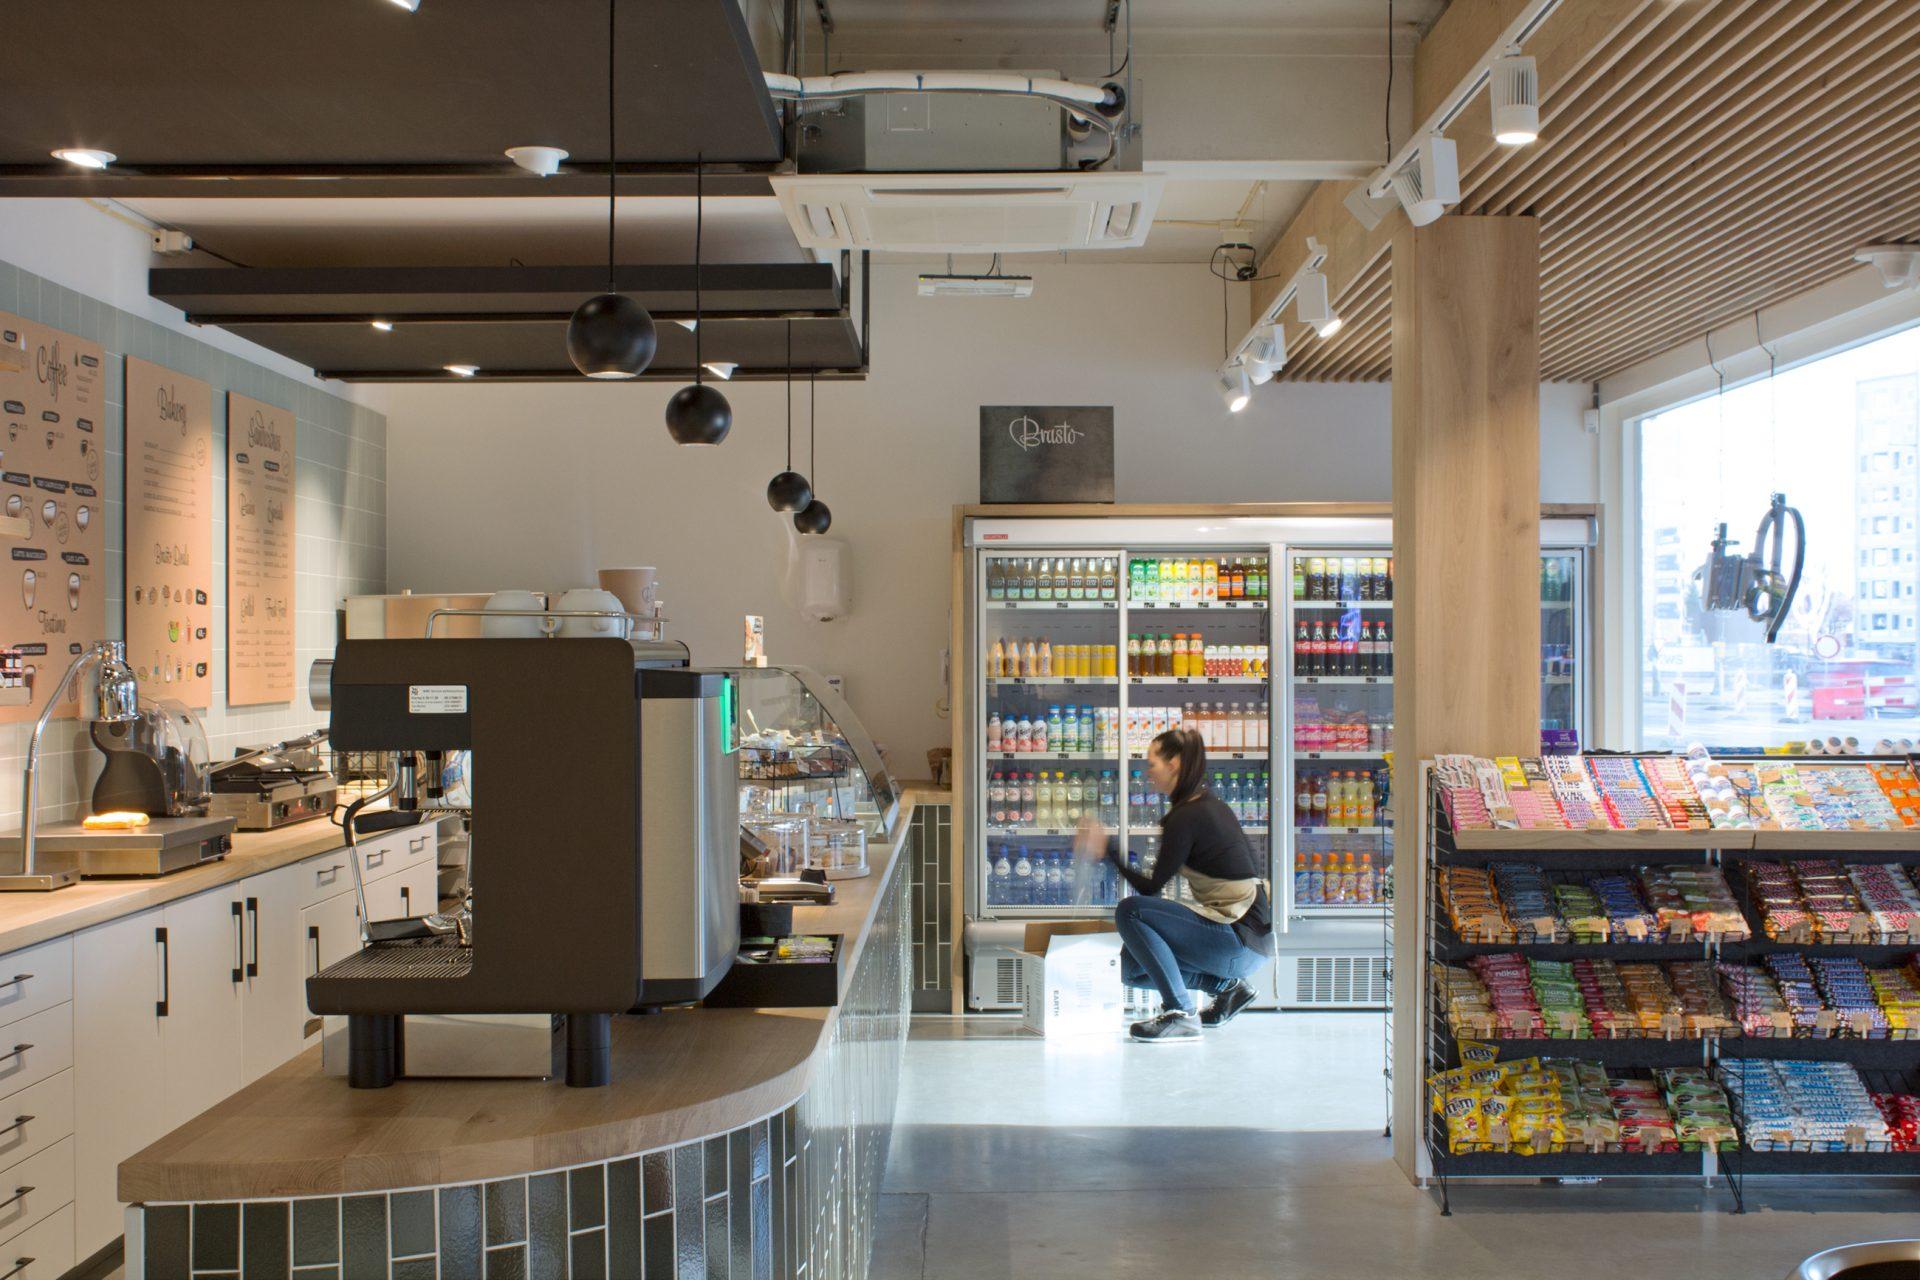 Interieurontwerp voor retailconcept Brasto: stellingen en koelen en maatwerk toonbank en plafondbekleding maken onderdeel uit de retailprojectinrichting.